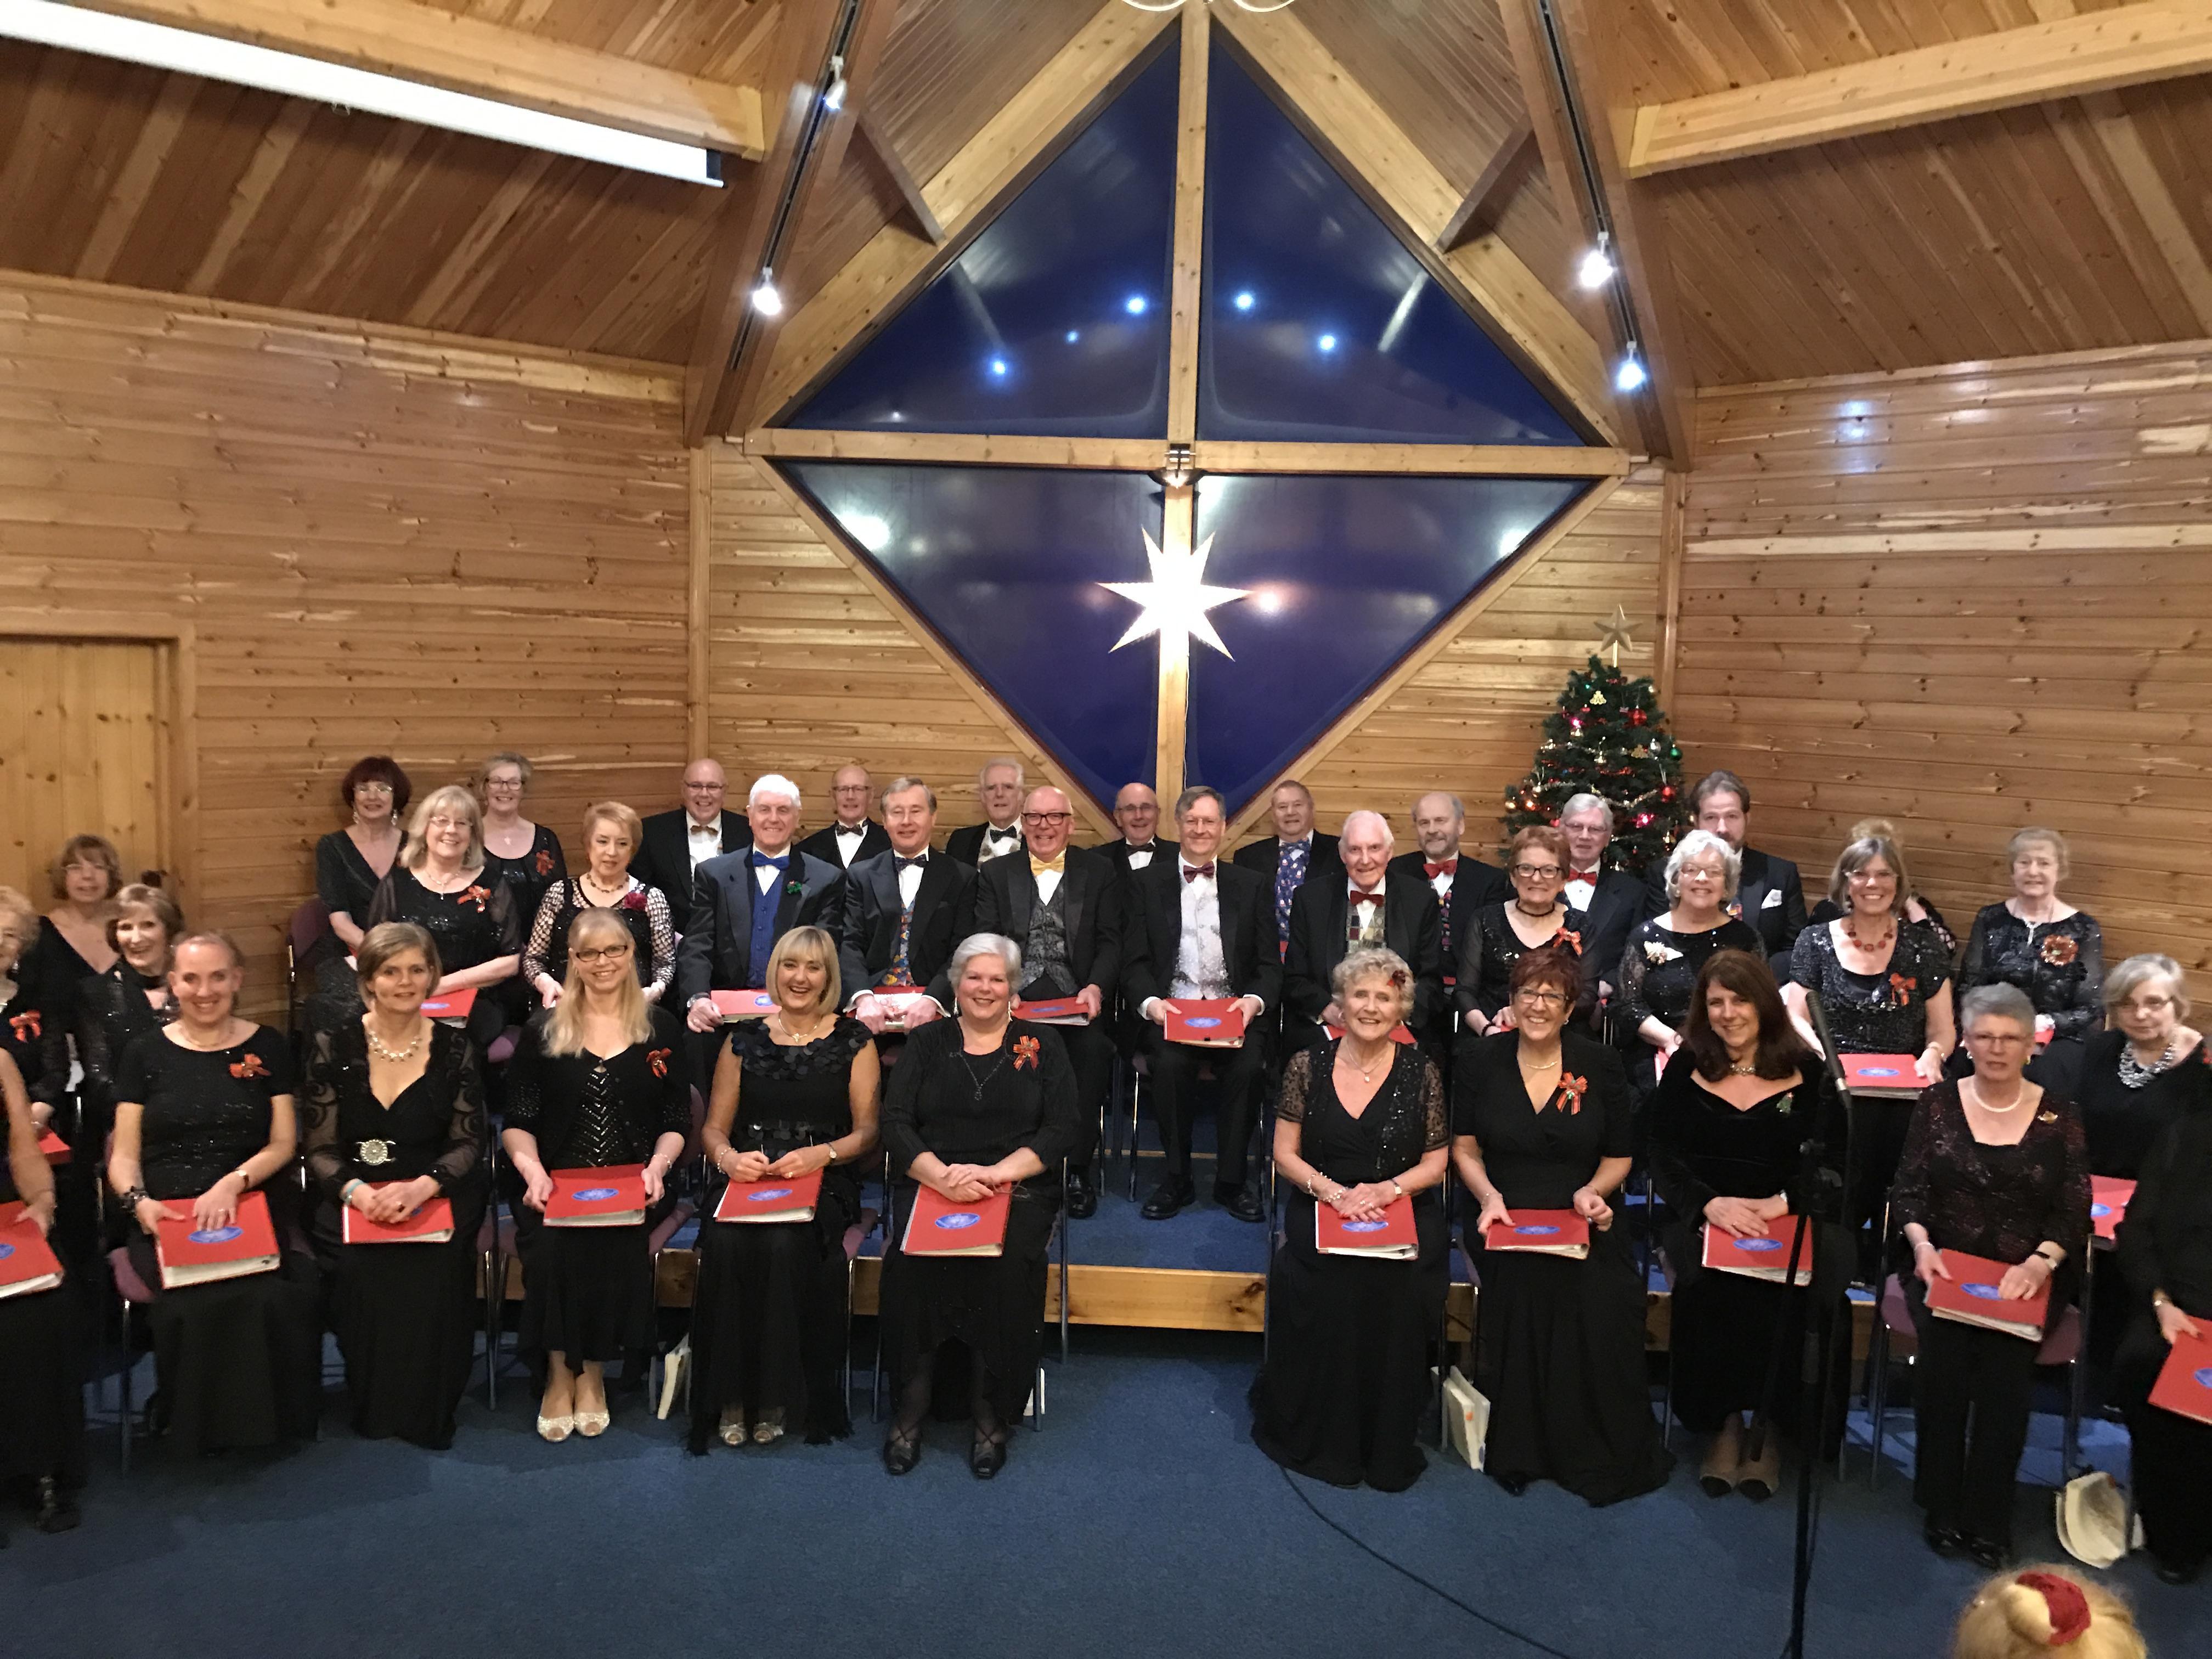 Bluecoat Singers Concert